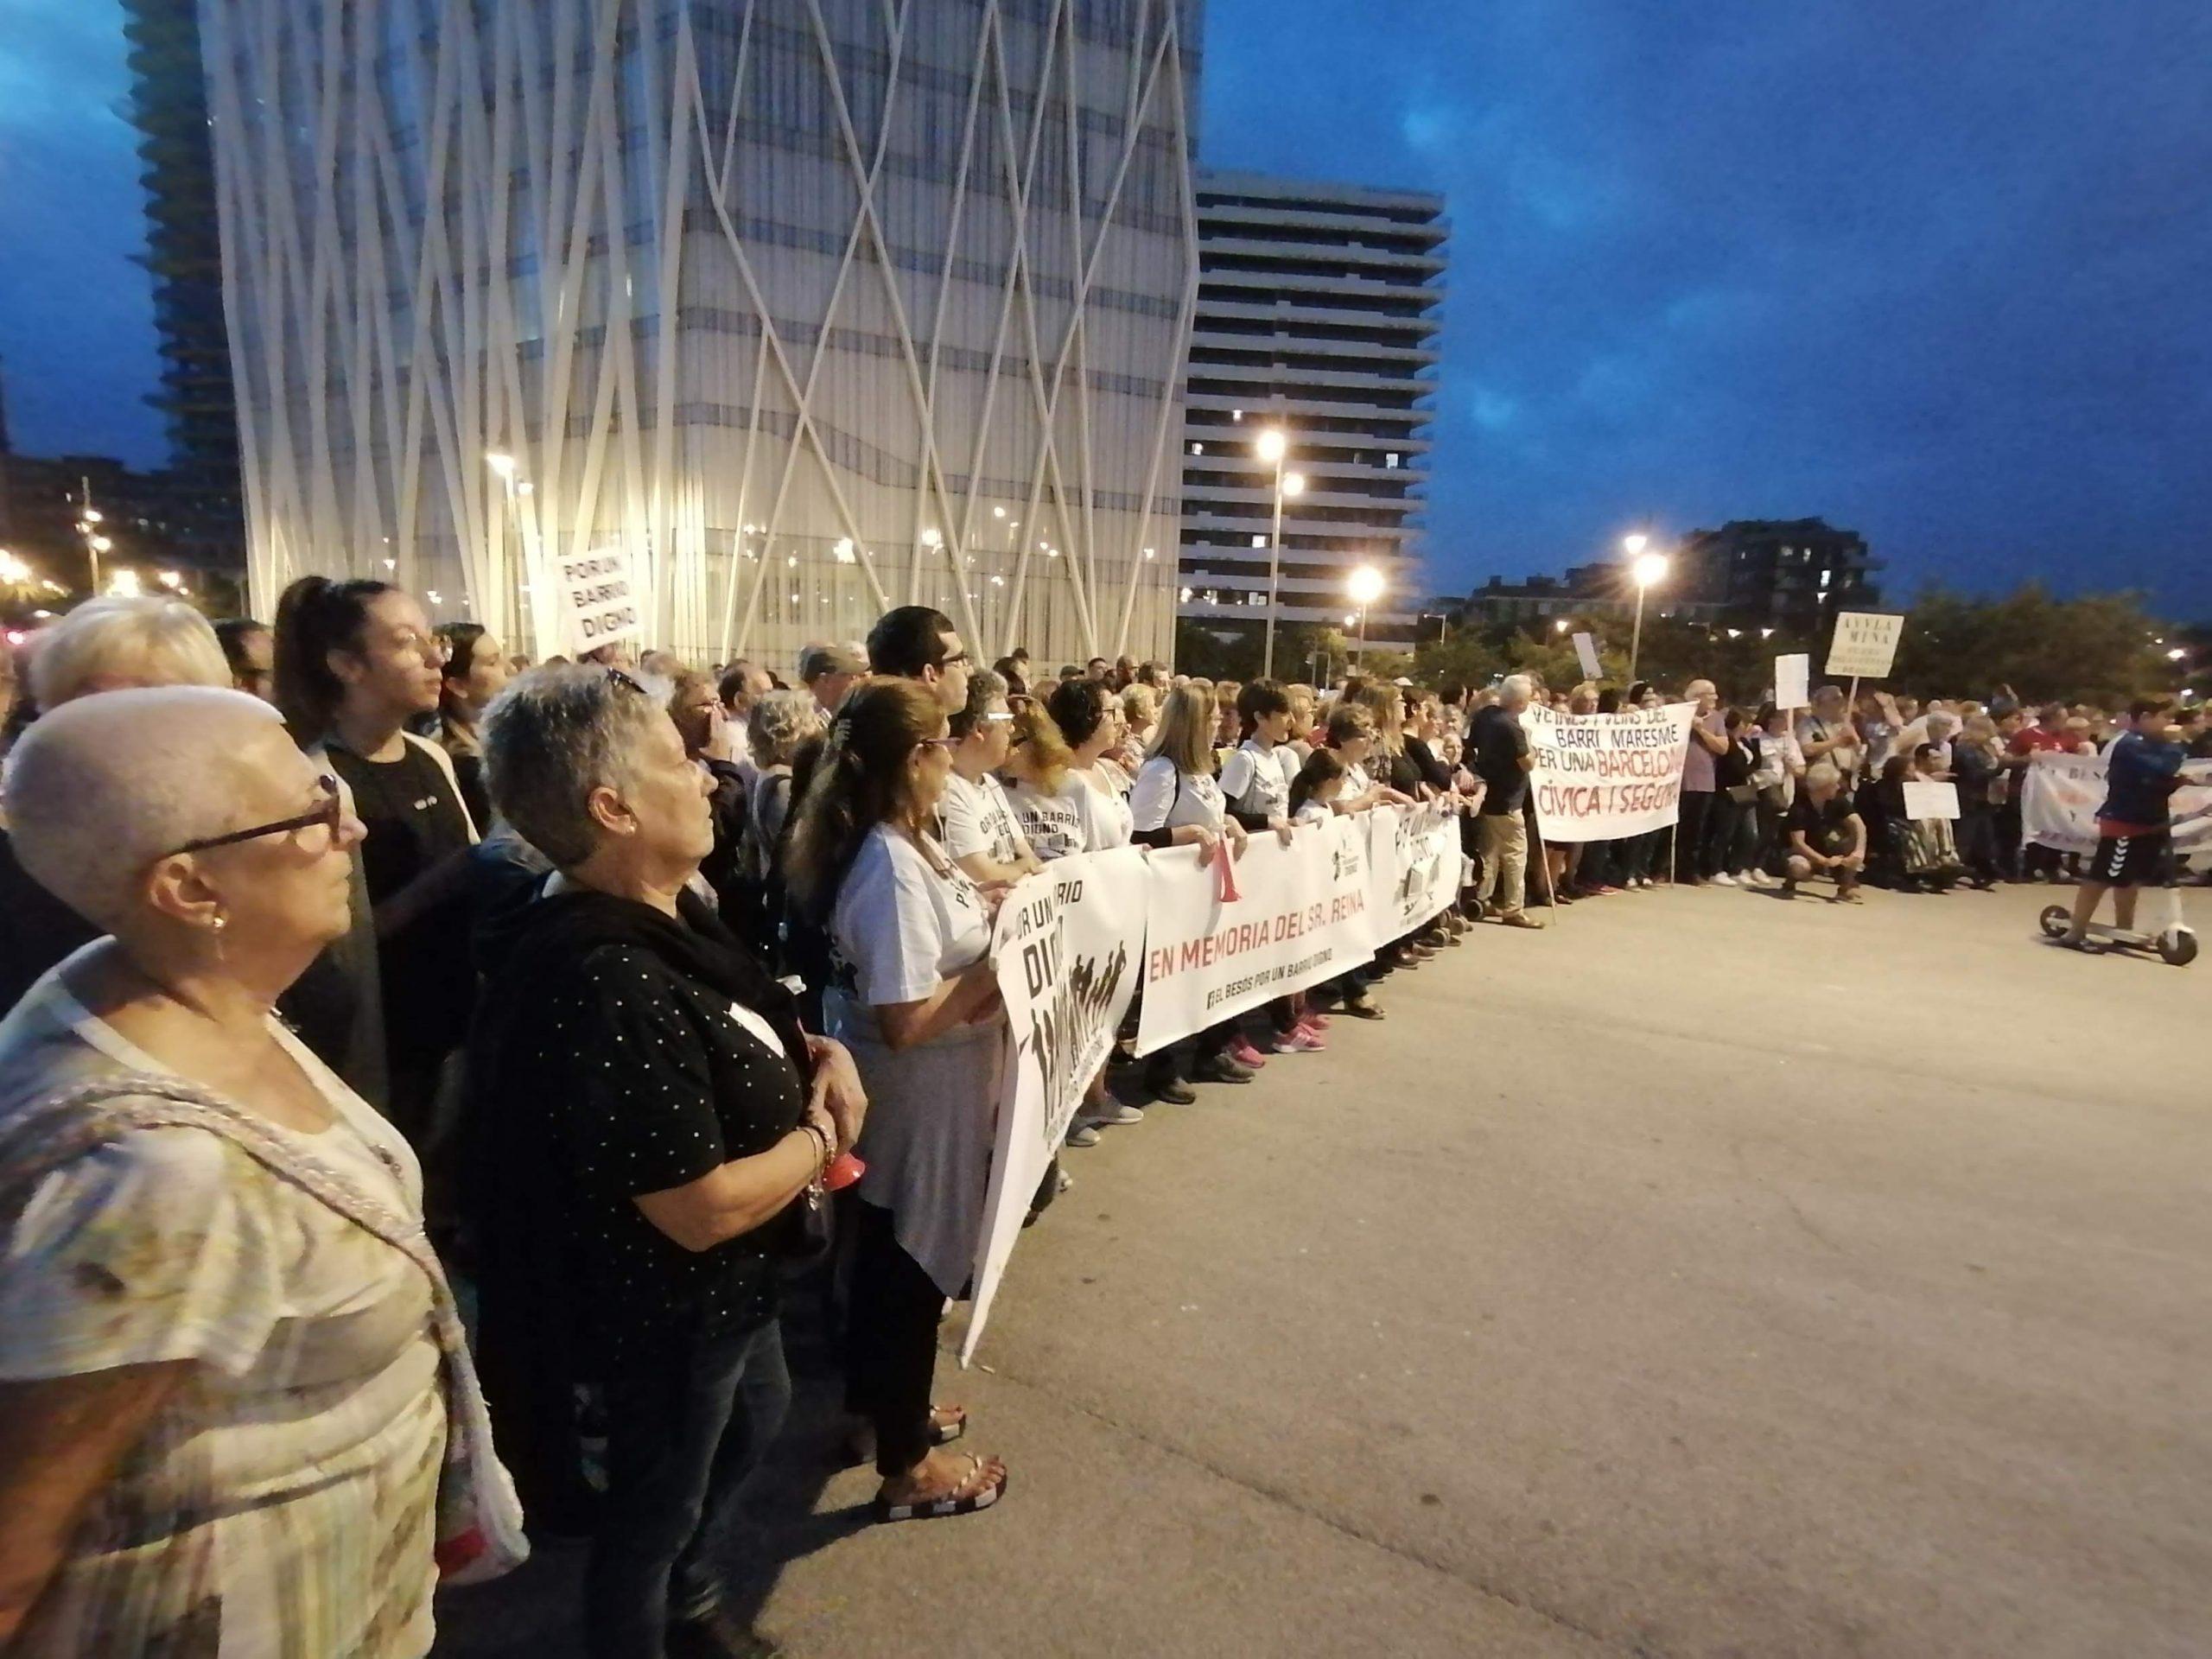 Arribada de la manifestació veïnal del Besòs al Fòrum, final del r